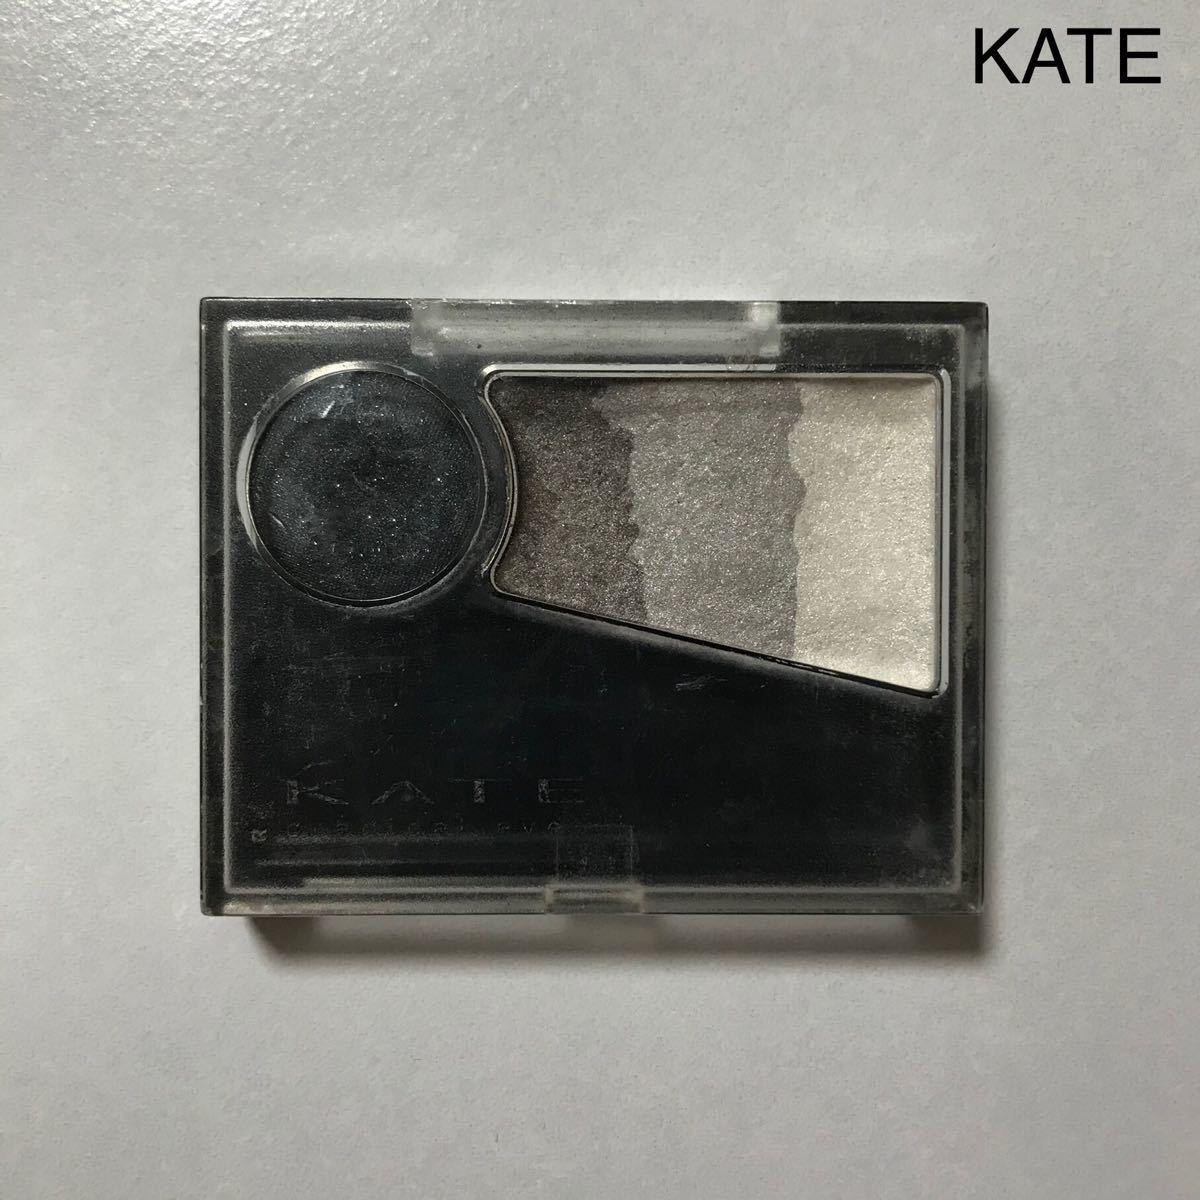 KATE ケイト グラデイカルアイズN BK2 アイシャドウ